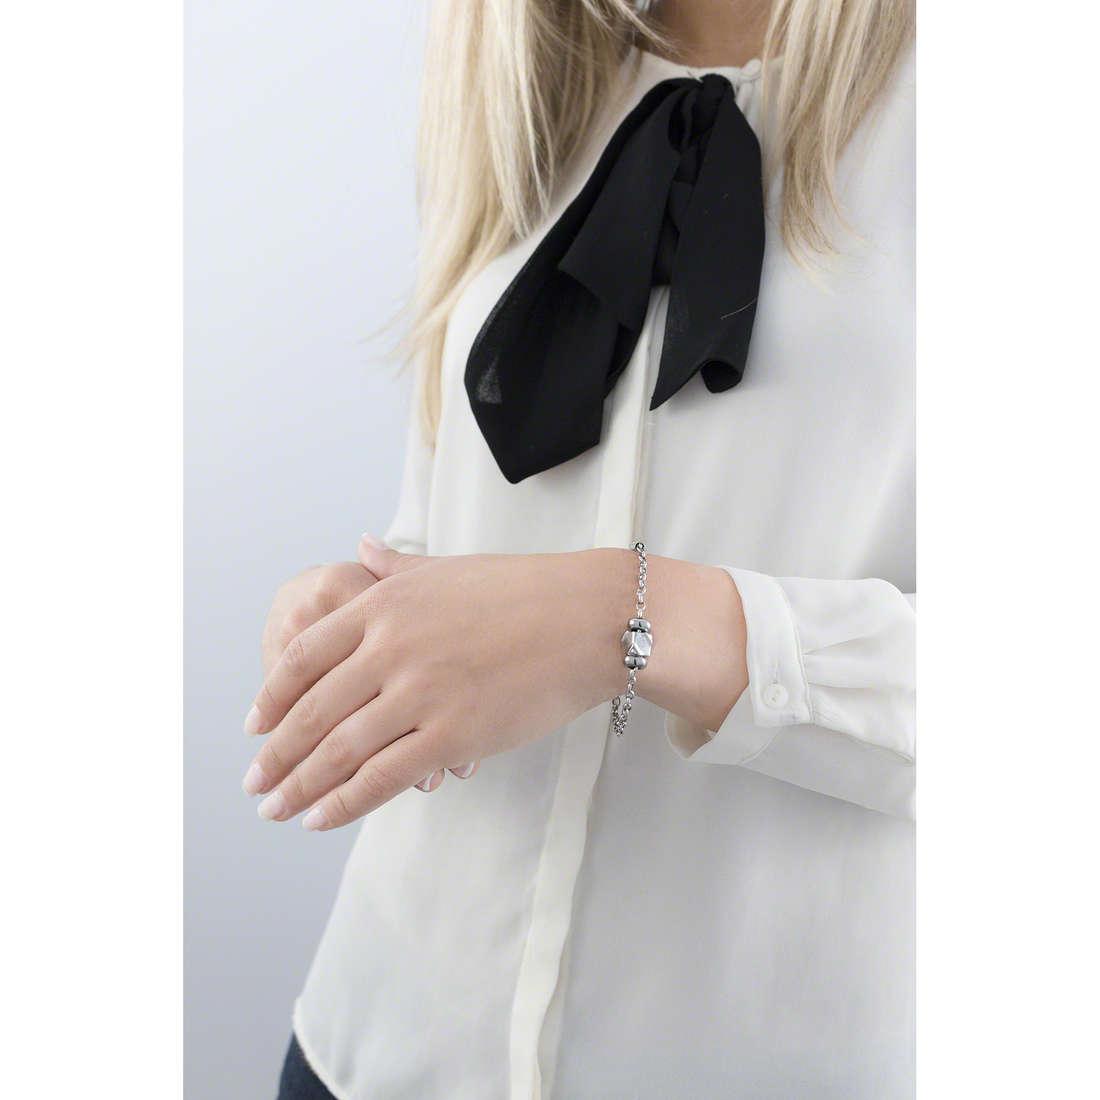 Morellato bracciali Drops donna SCZ672 indosso